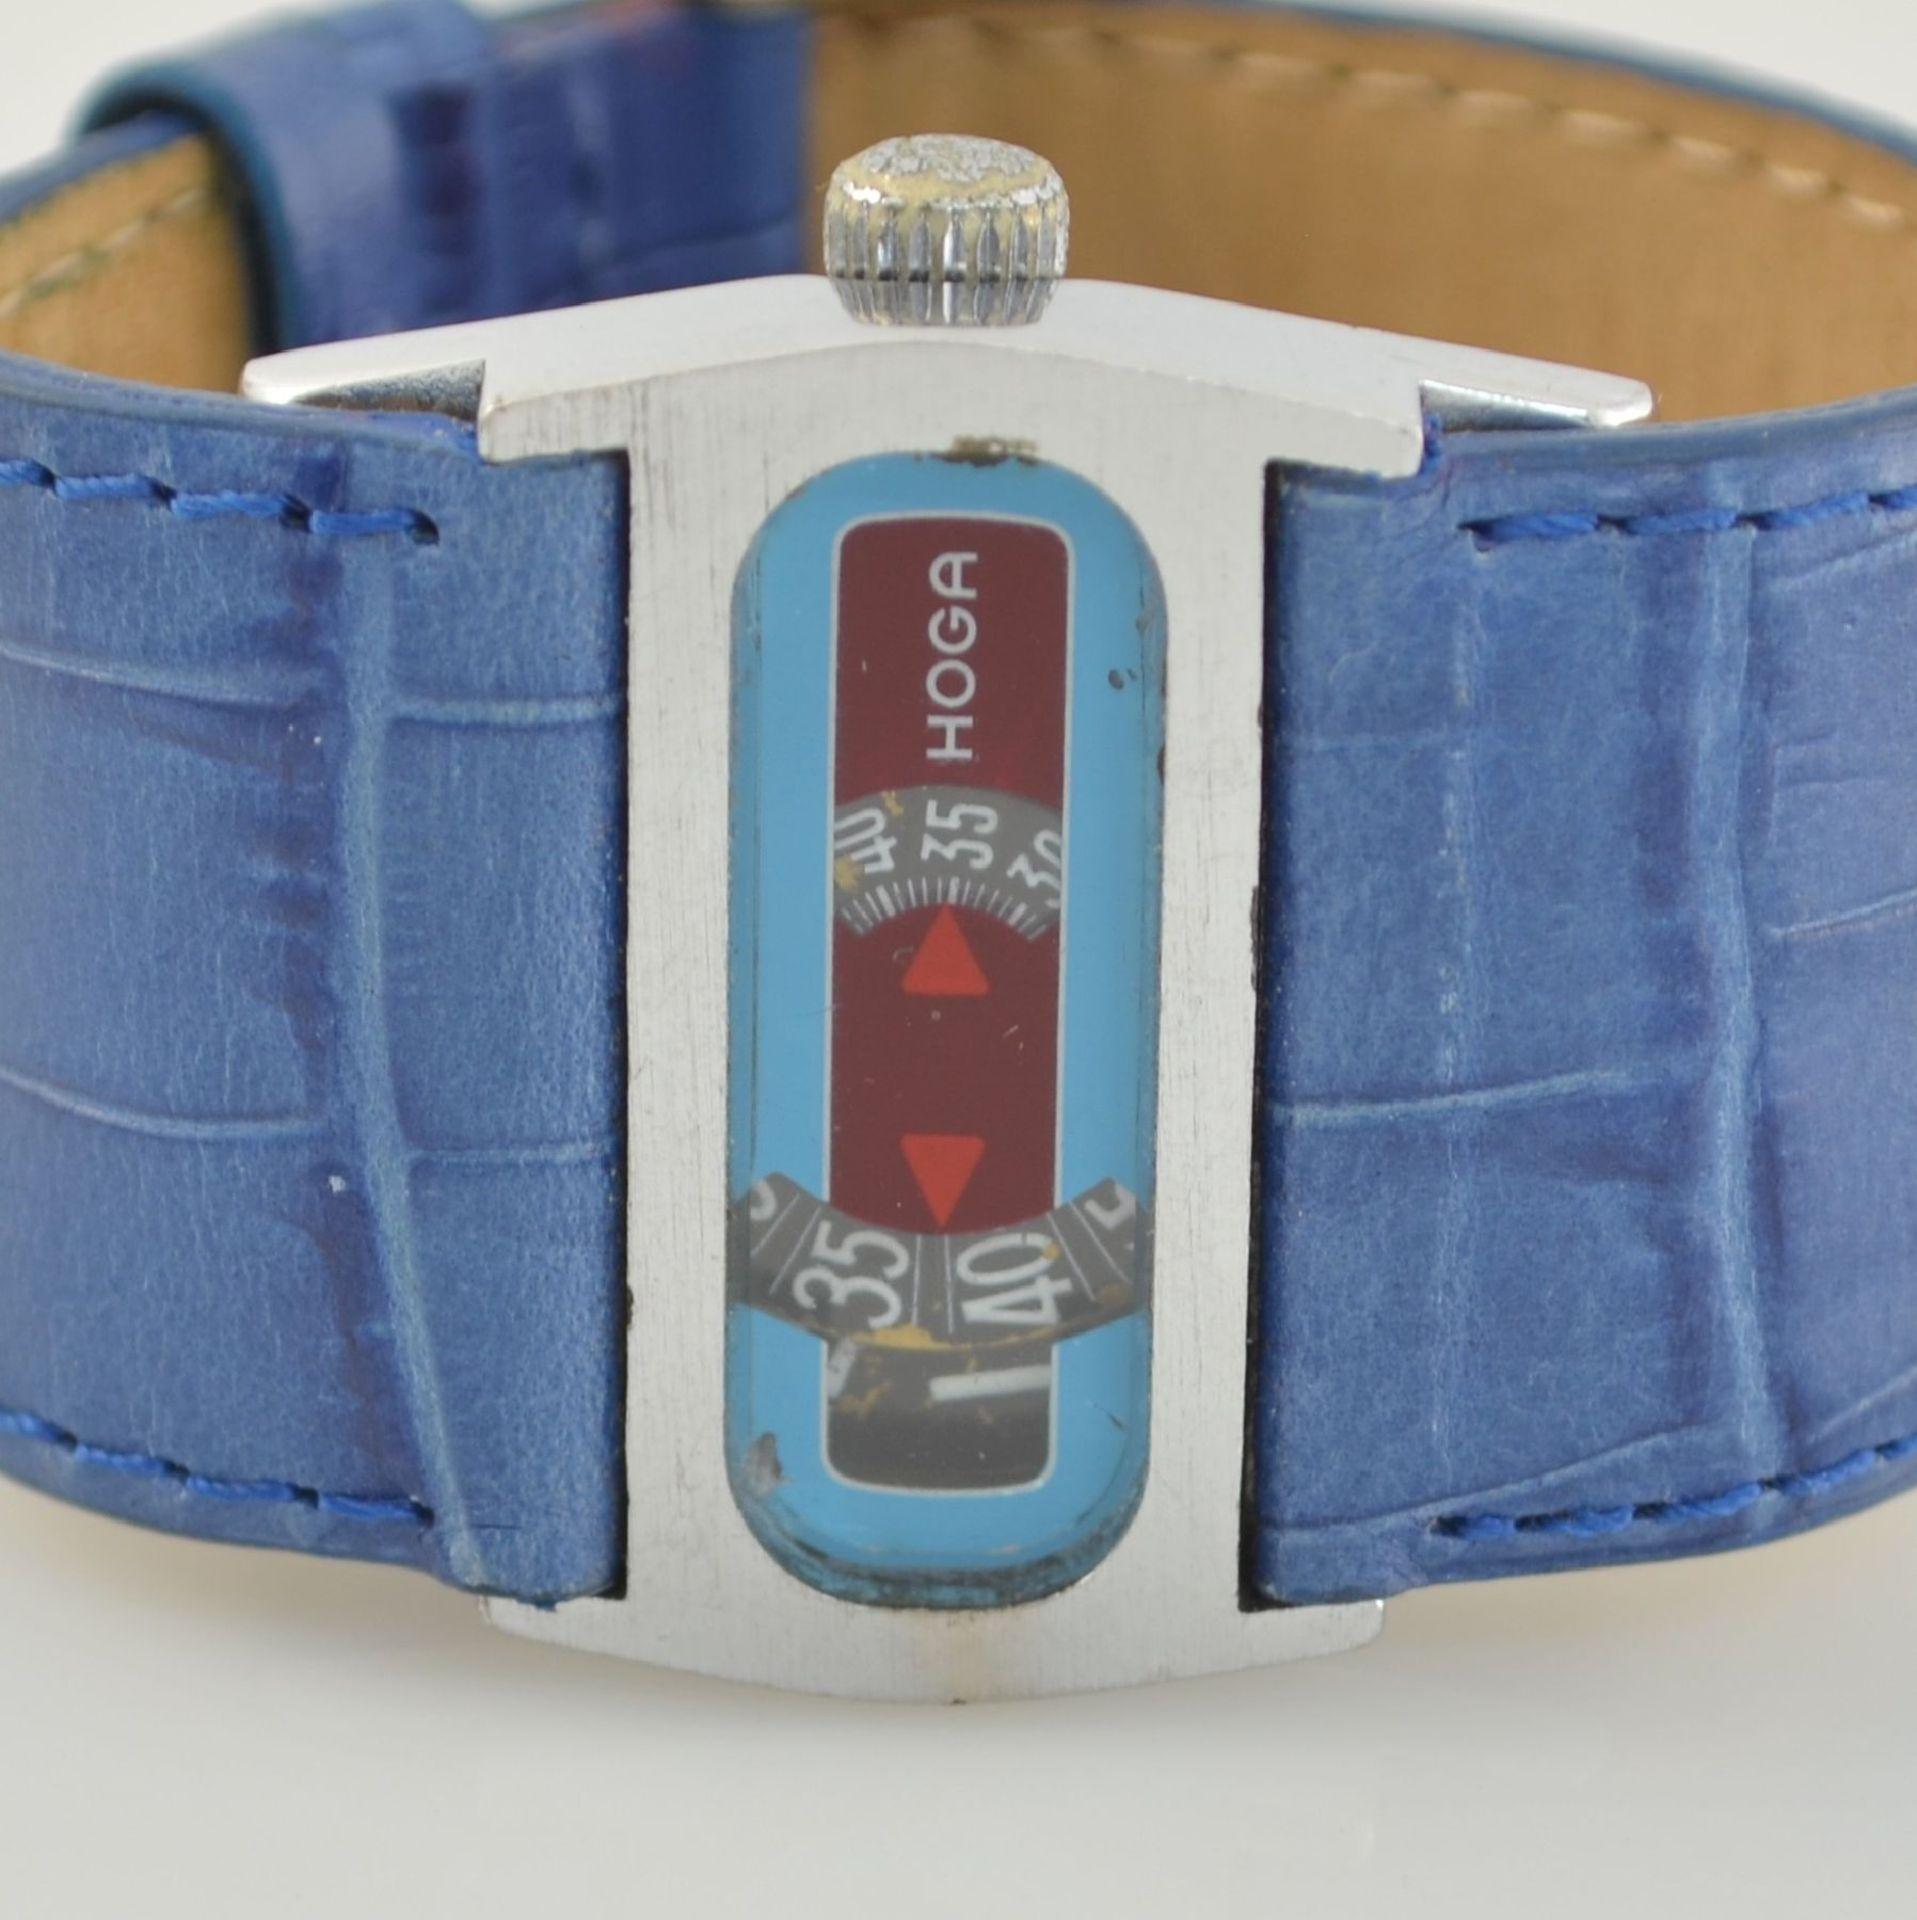 HOGA/Direct Time Armbanduhr mit digitaler Zeitanzeige Kal. AS 1902, Schweiz um 1970, Automatik, - Bild 2 aus 6